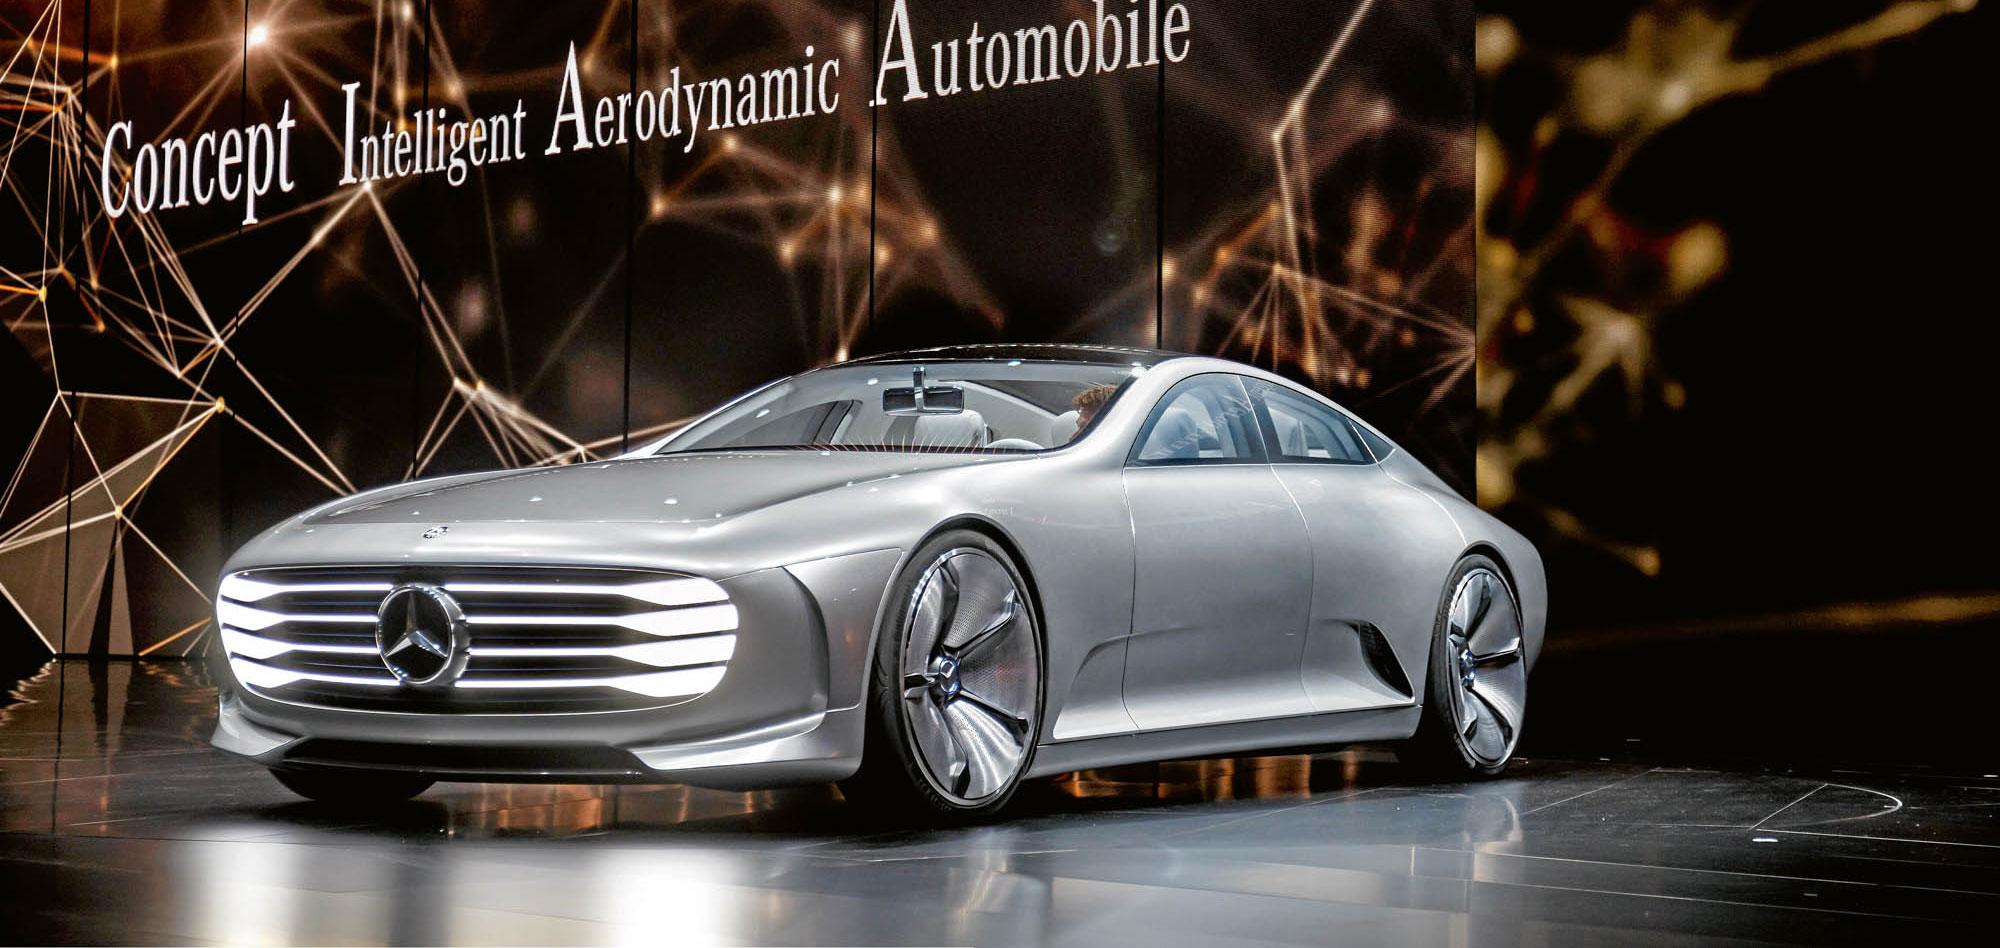 Neue Autos 2016 und Visionen für die Zukunft